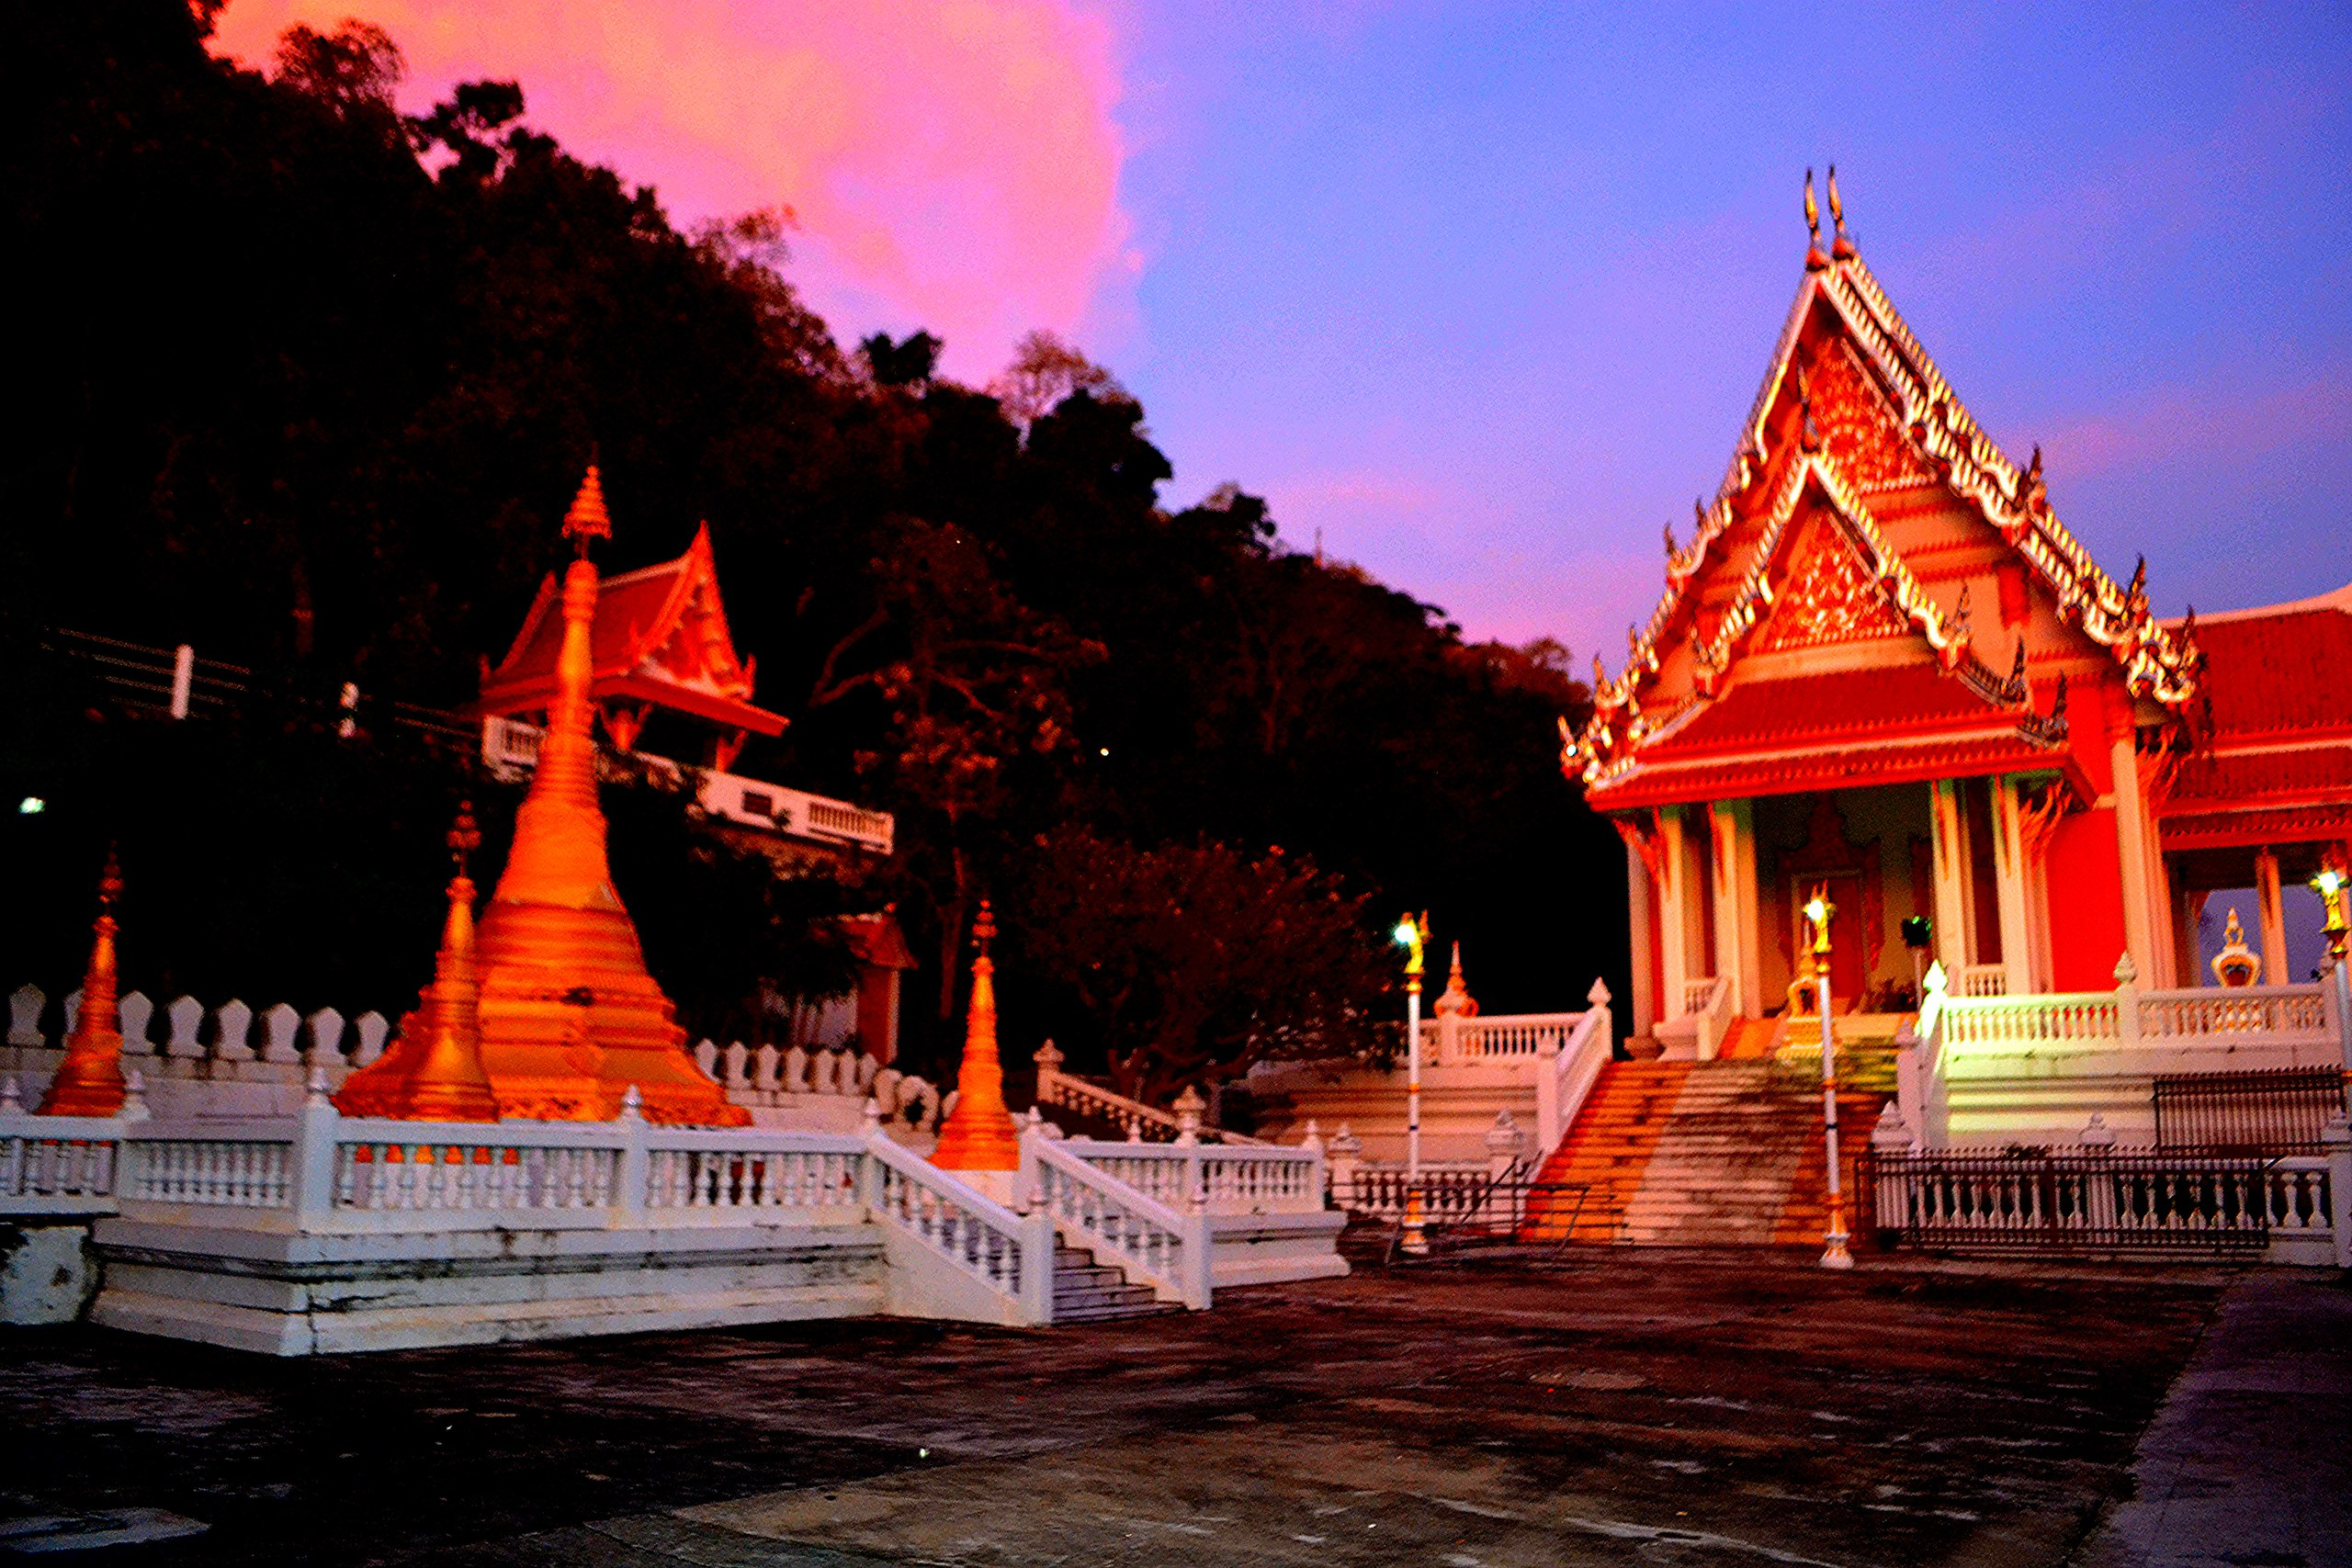 Елена Руденко (Валтея). Таиланд. Таиланд. Paтчaбуpи: Пещера страха, Пещера мышей, Буддийский храм KTg72WTqx1E